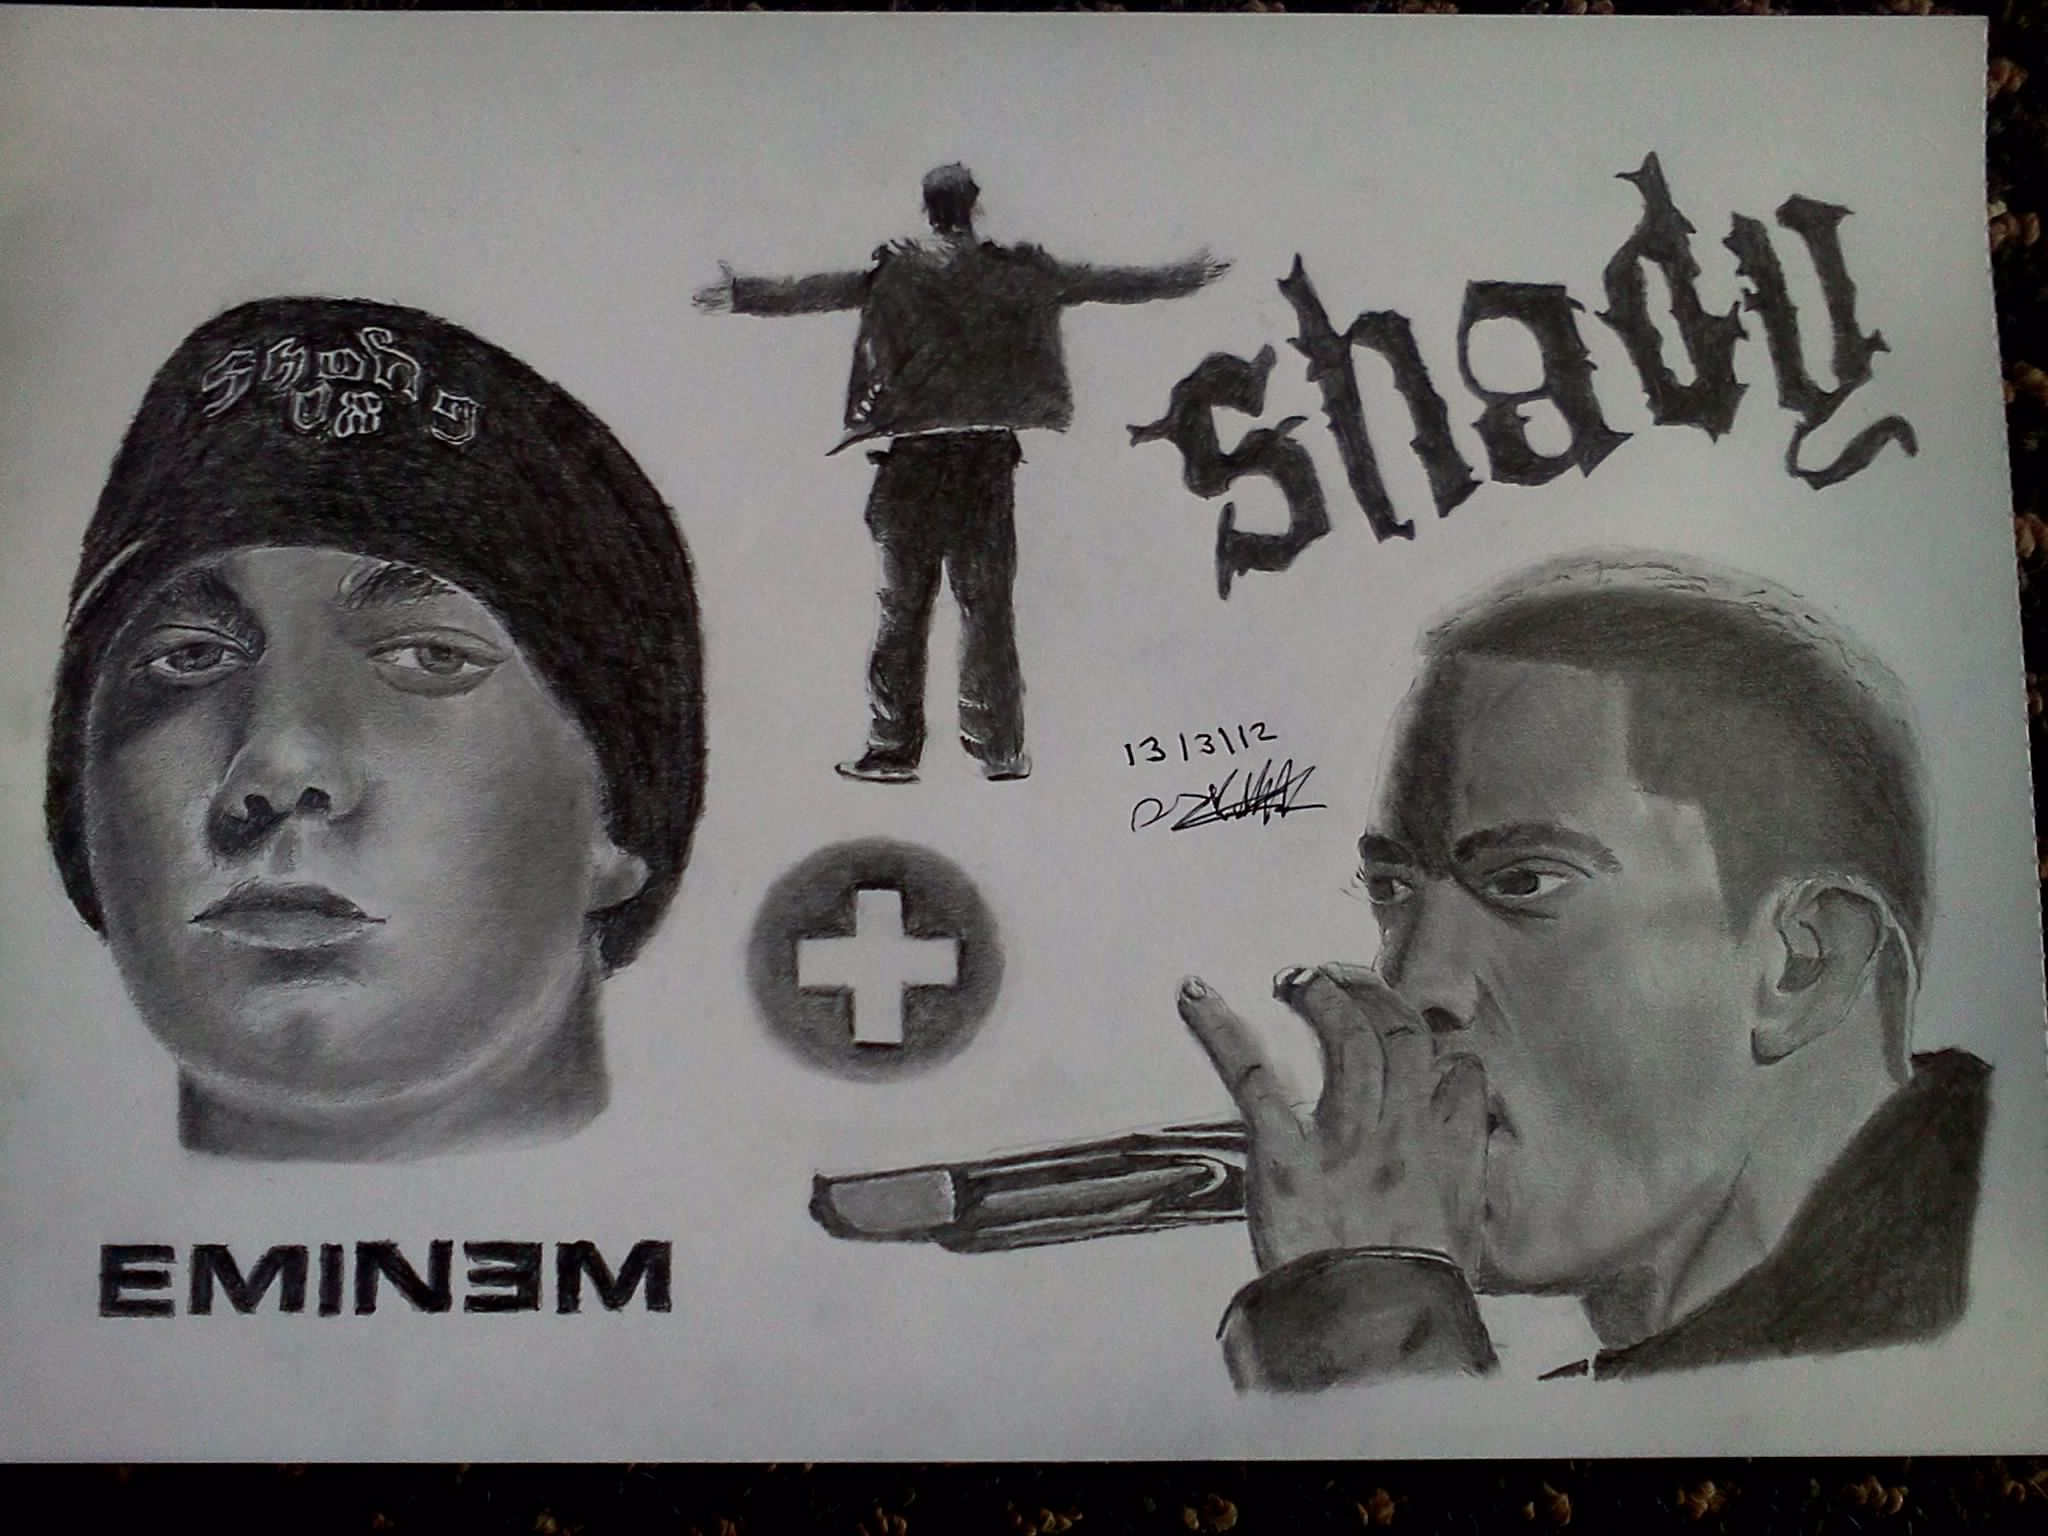 Eminem/Slim Shady by OwenJai12 Eminem/Slim Shady by OwenJai12 - eminem_slim_shady_by_owenjai12-d5ks1bz